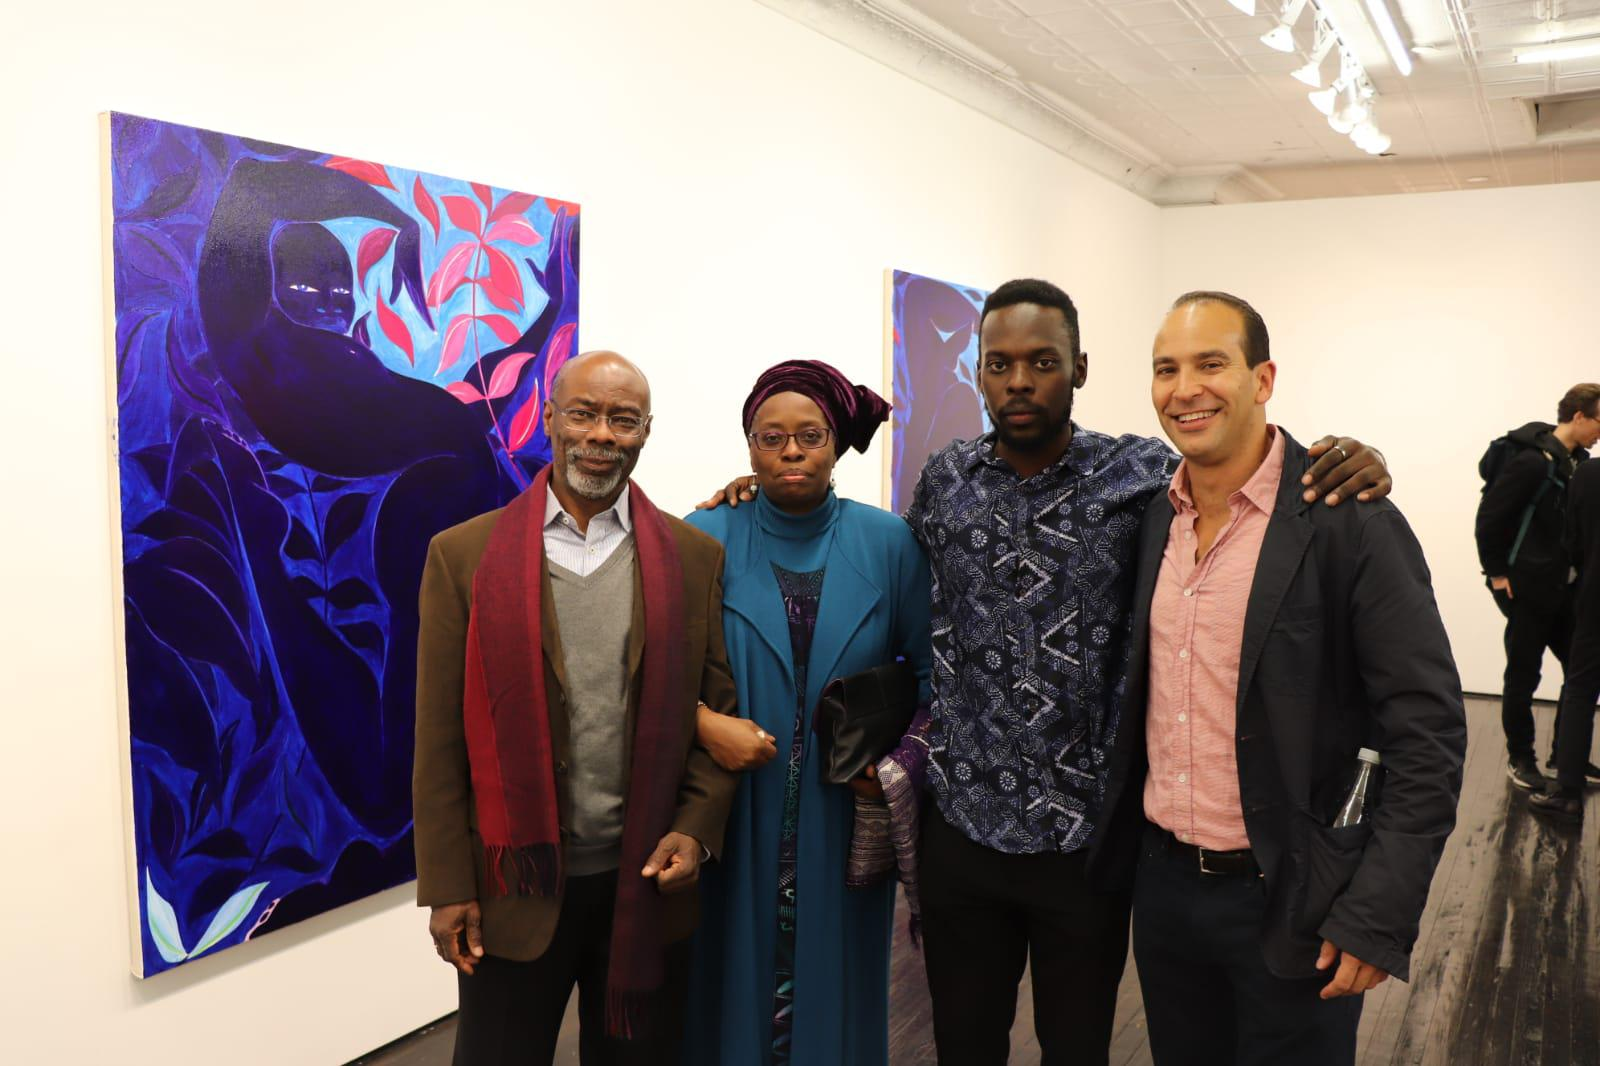 Rodney, Buki, Tunji and Bernard Lumpkin